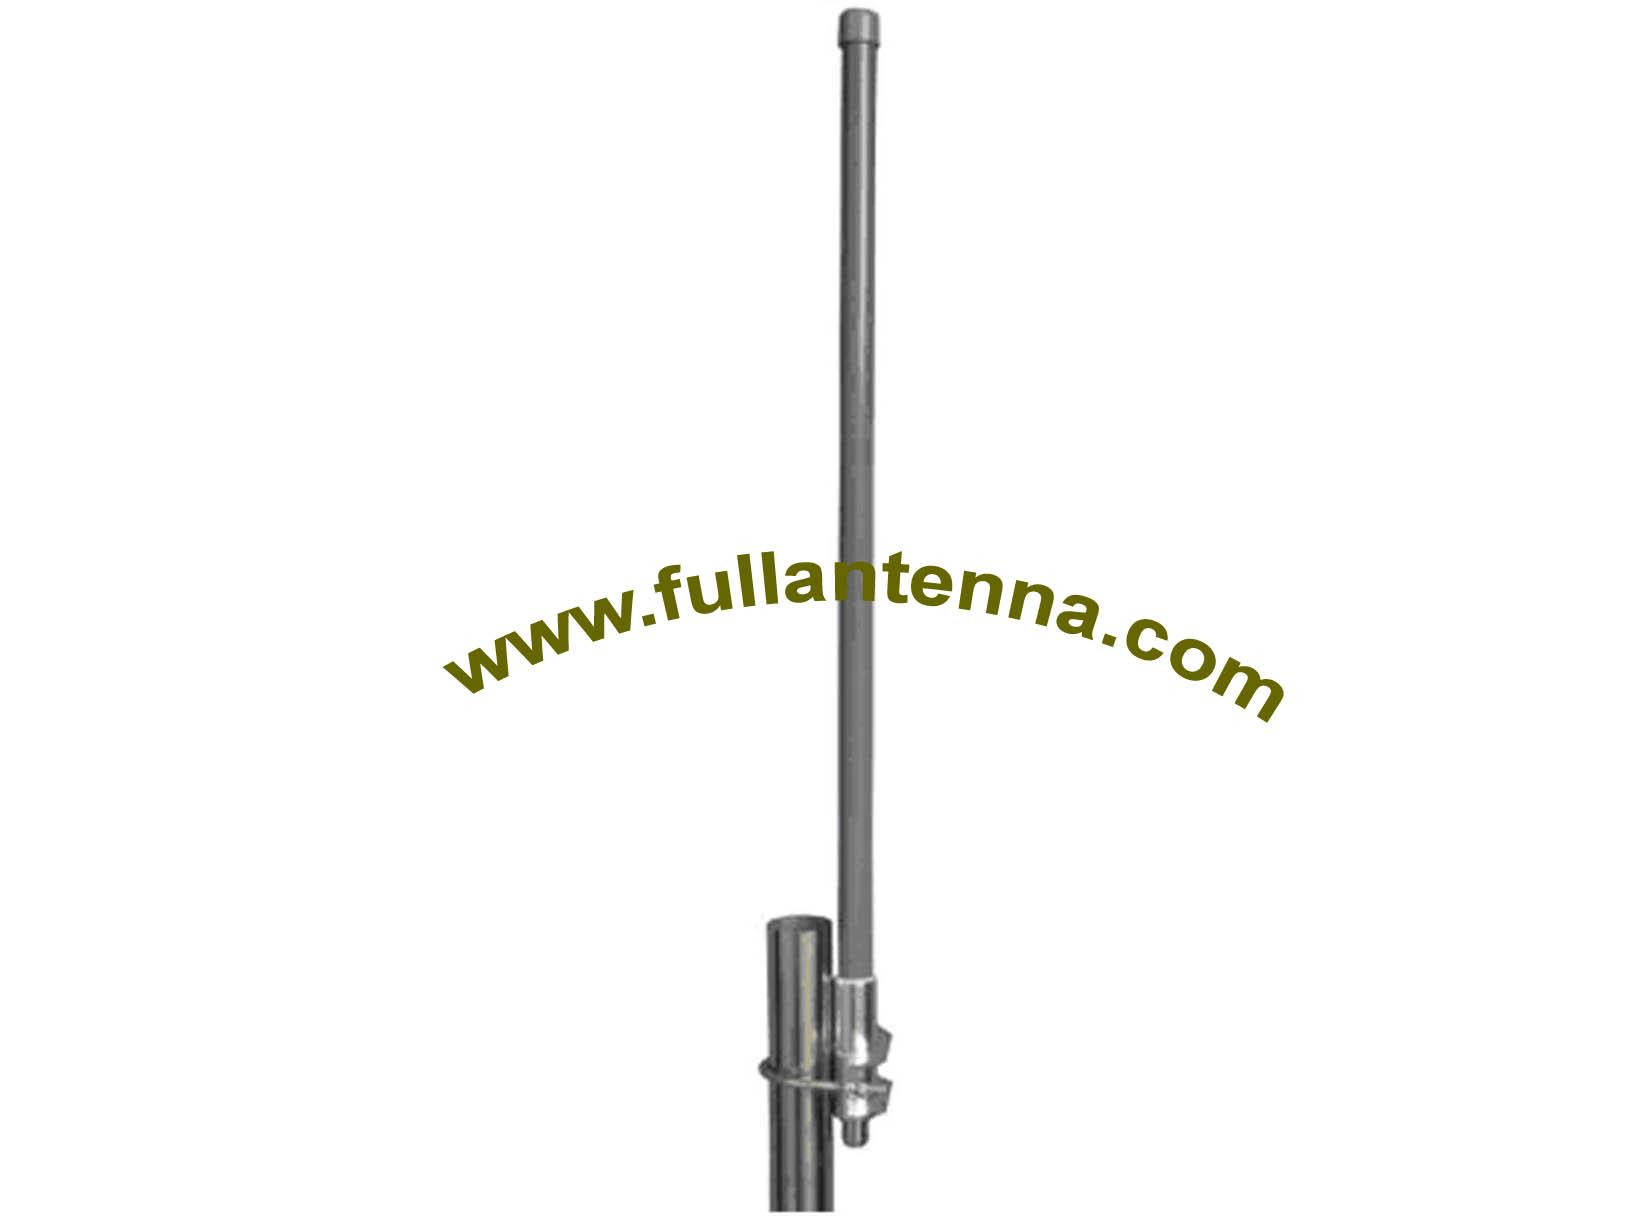 P/N:FAQ24.F12,WiFi/2.4G External Antenna, wall mount fiberglass antenna 12dbi